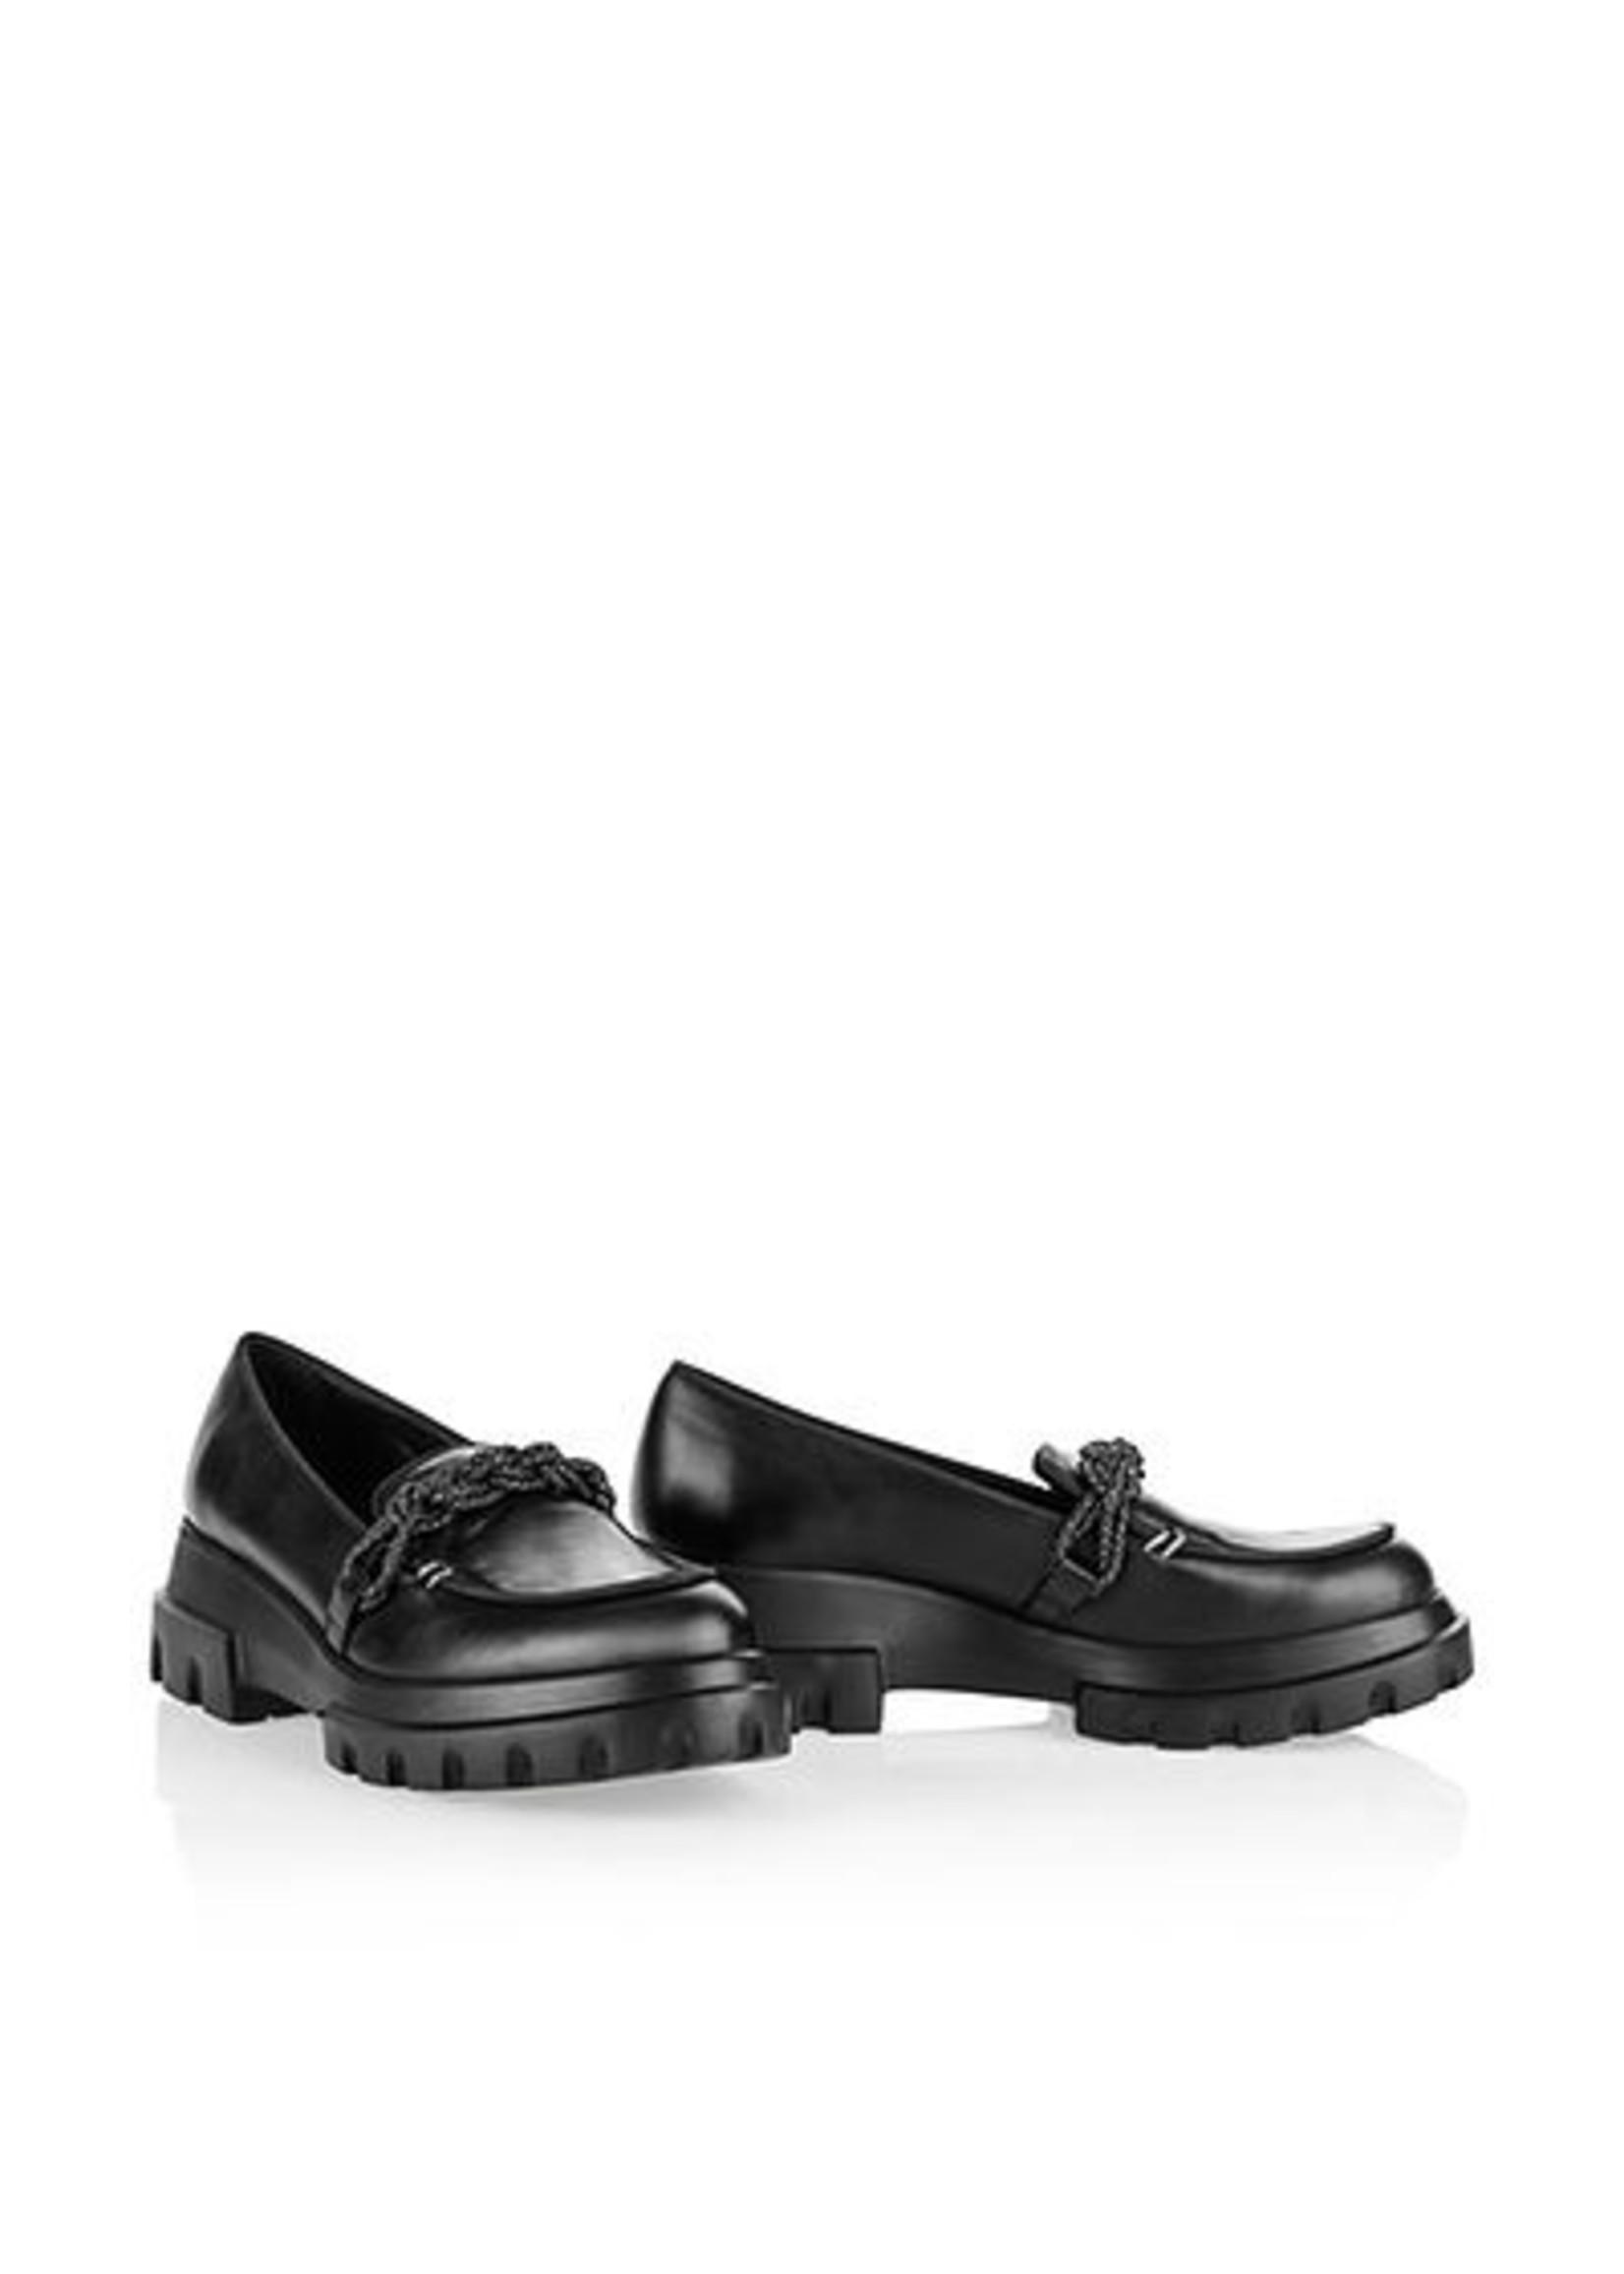 Marccain Bags & Shoes Lage Schoen RB SC.03 L06 black